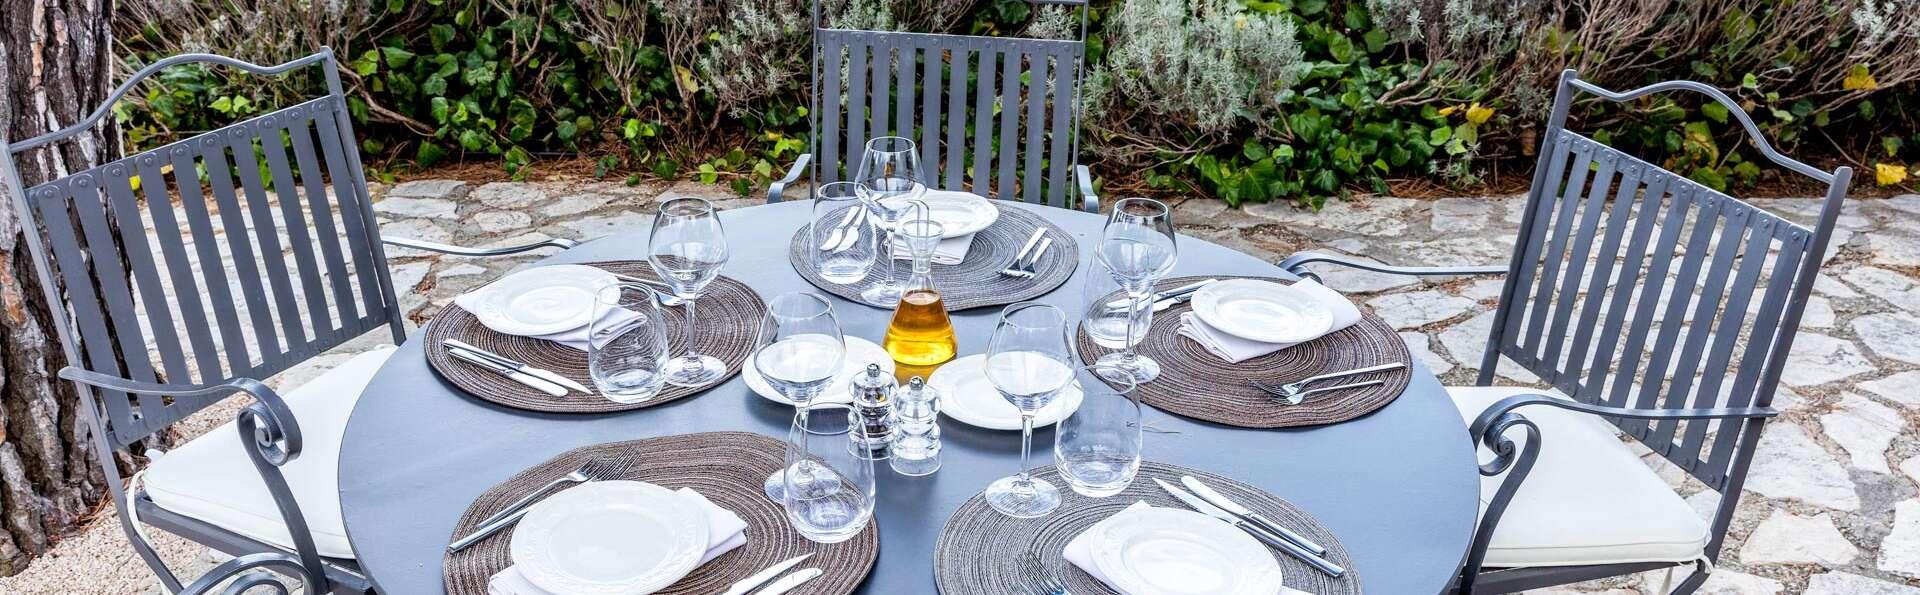 Week-end avec dîner dans un hôtel de charme à Salon-de-Provence